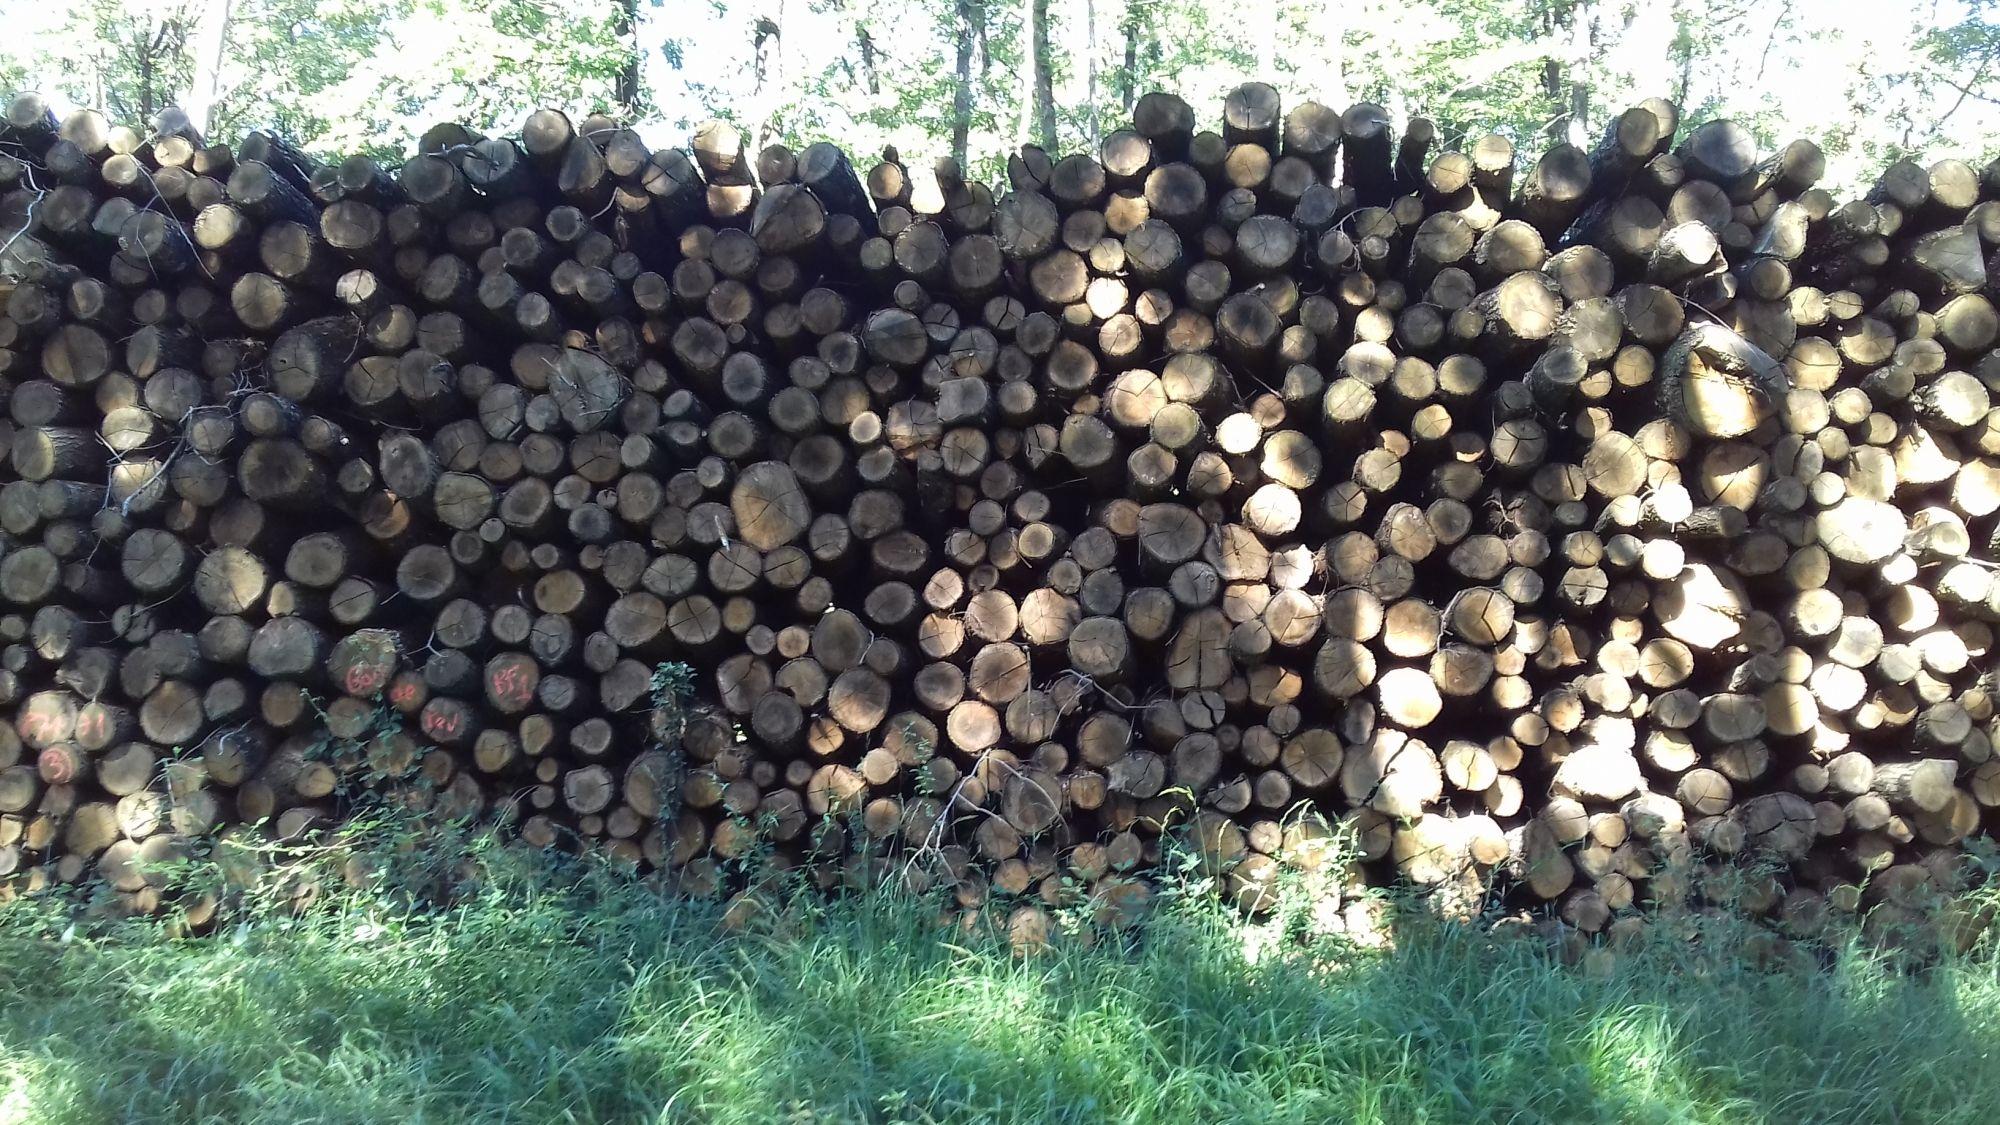 site internet pour revendeur de combustible bois dans le Tarn-et-Garonnesite internet pour revendeur de combustible bois dans le Tarn-et-Garonne